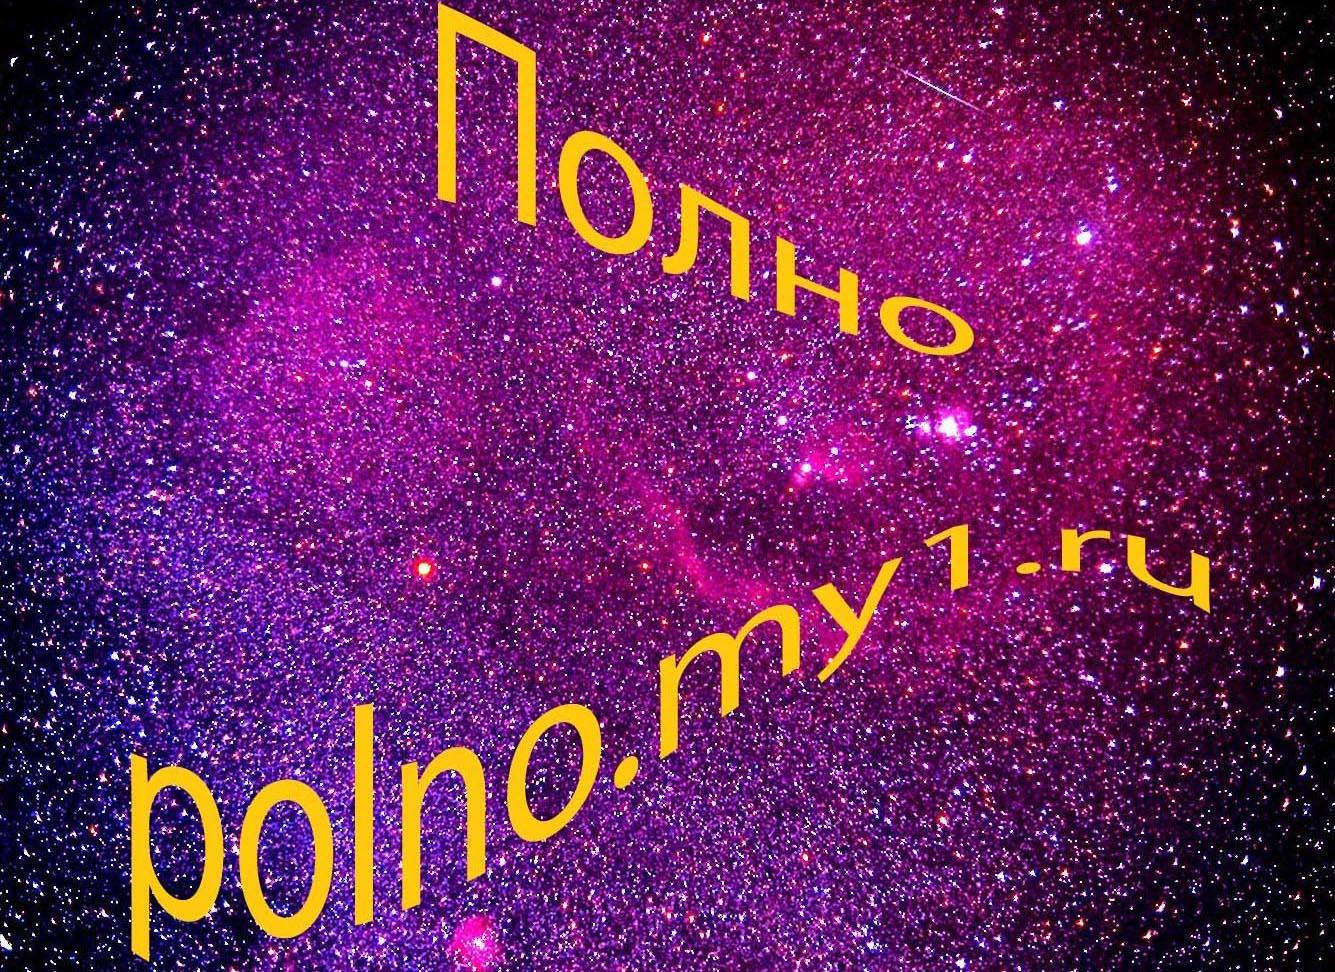 Светодиод 24 вольта своими руками фото 451